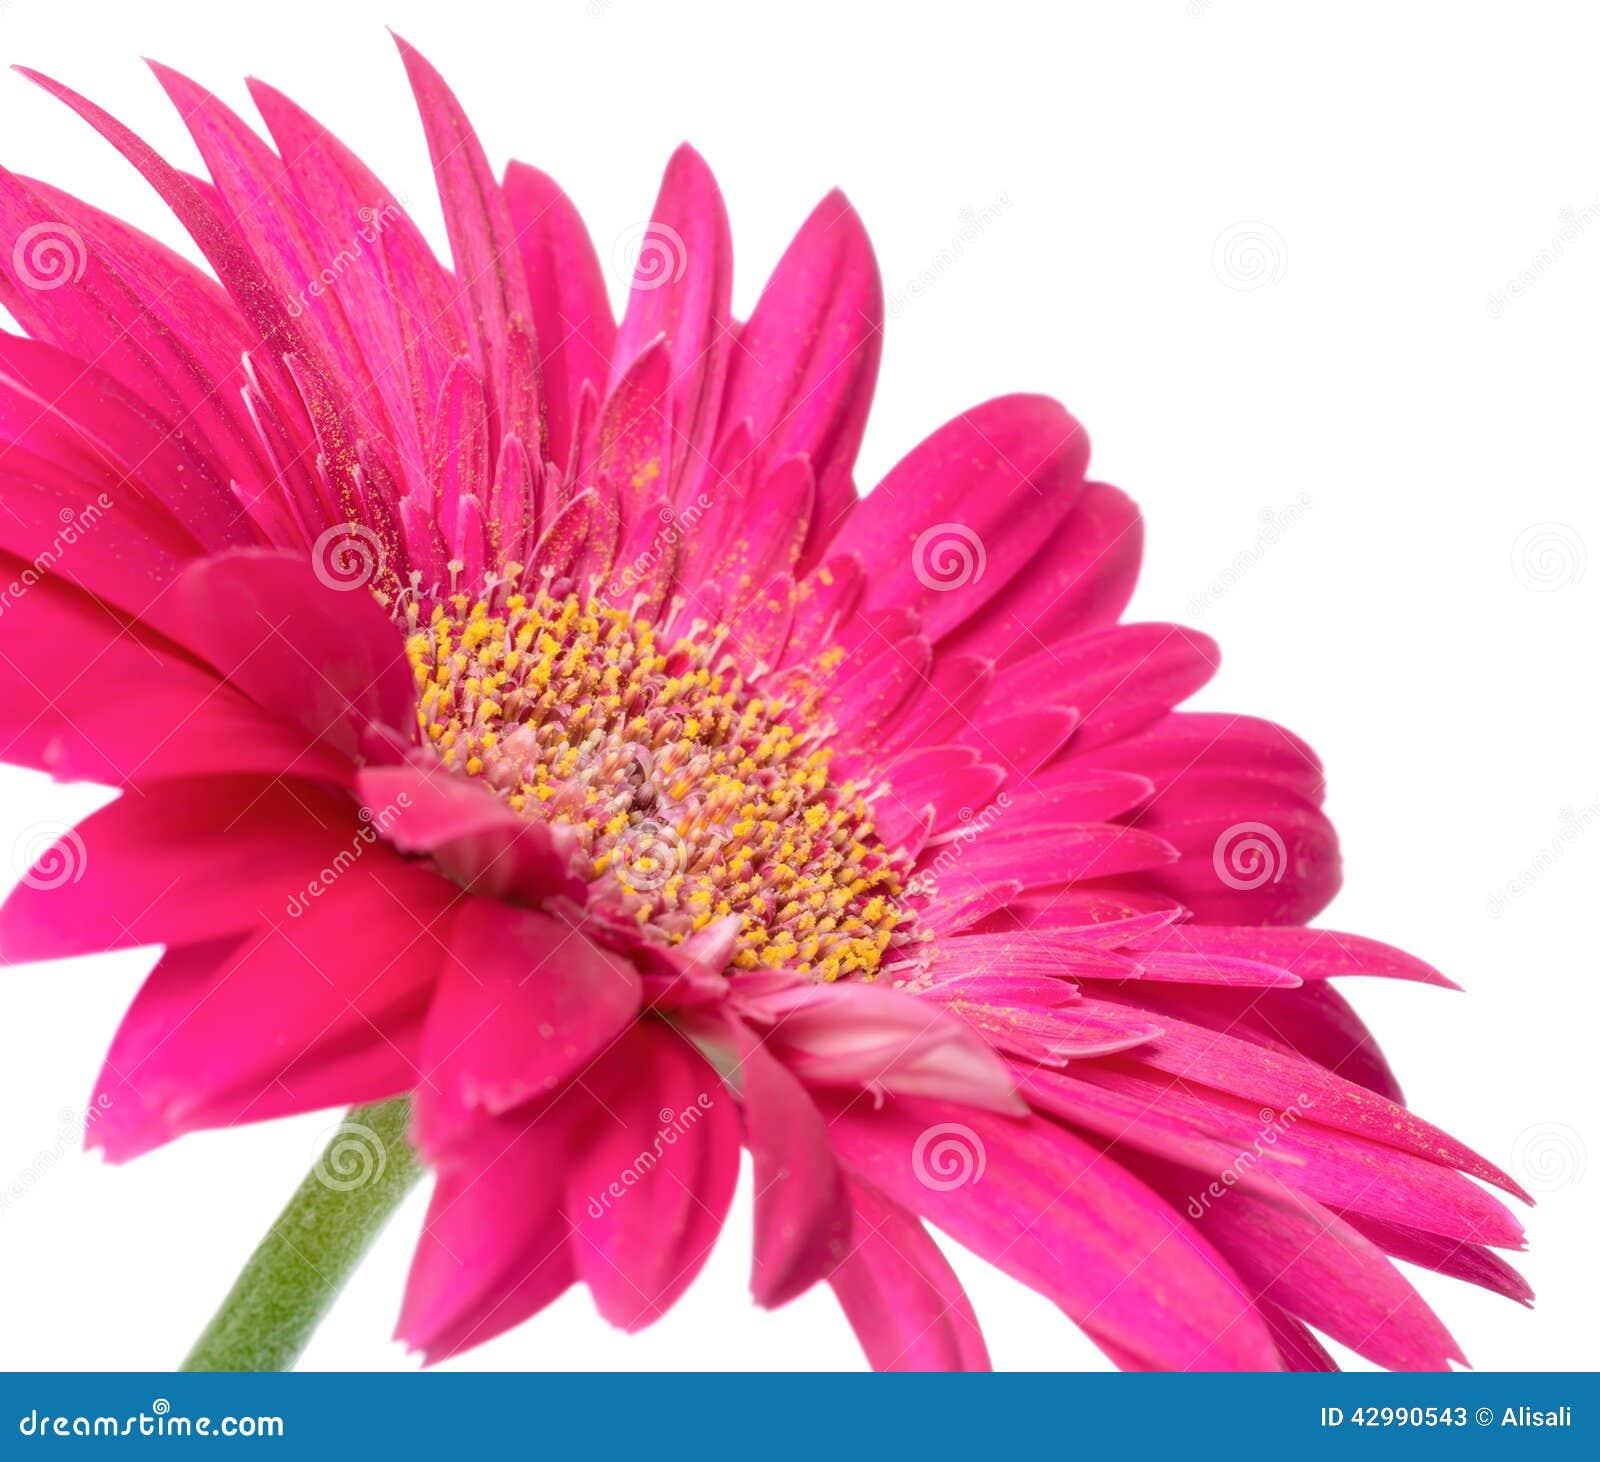 Le Gerbera Rose De Fleur De La Tige Est Isole Sur Le Fond Blanc